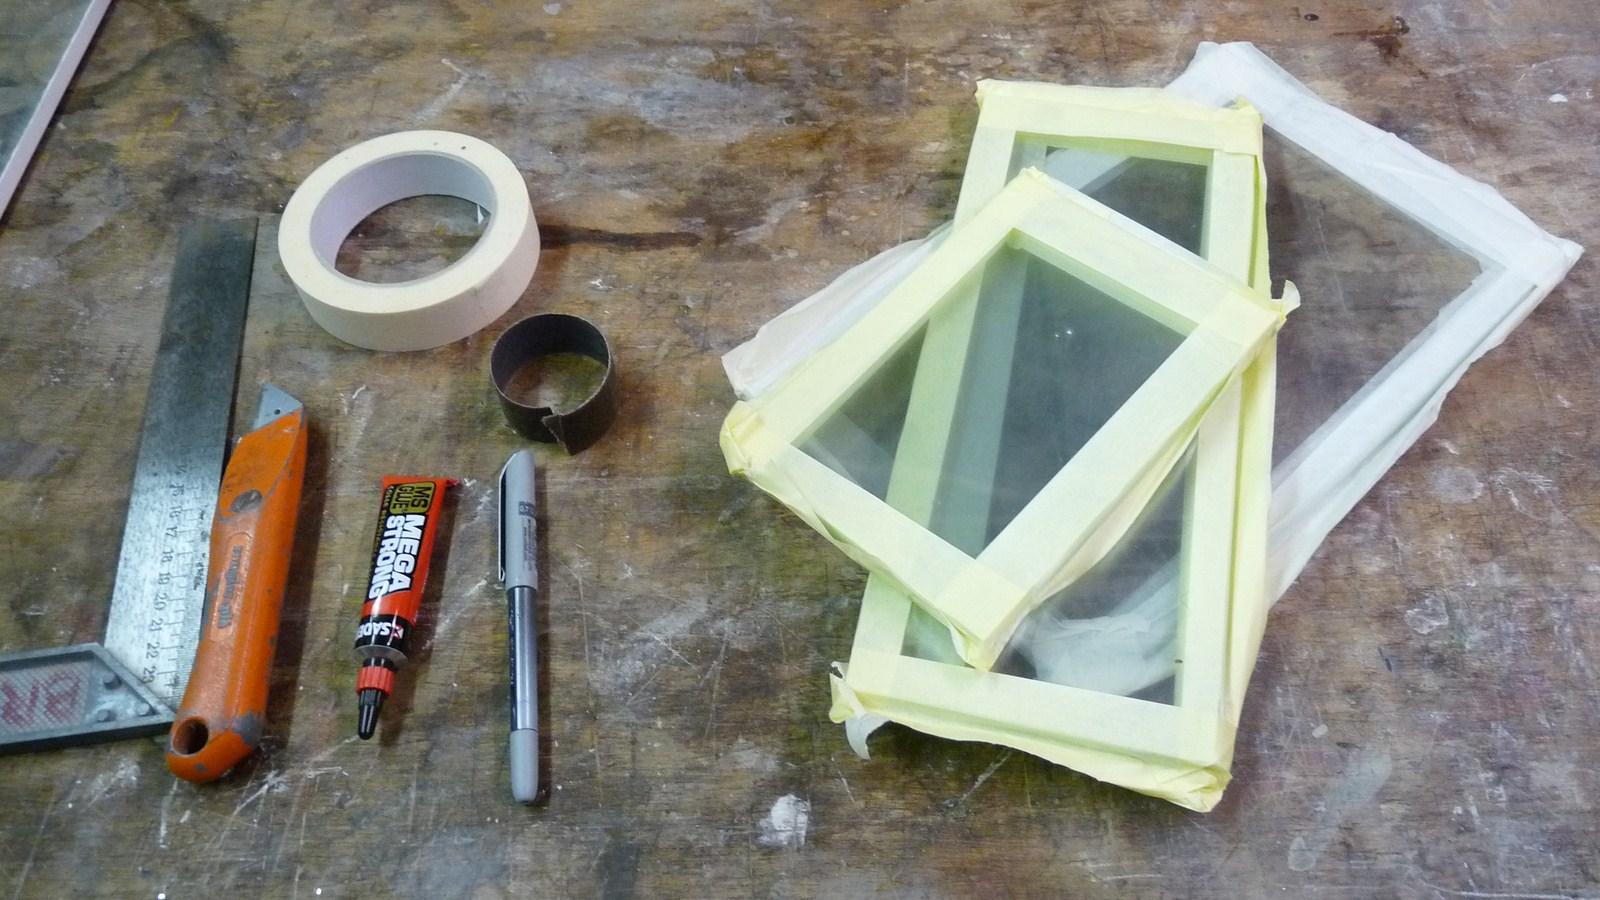 fabriquer une vitrine - Fabriquer ses propres vitrines en verre 17071907261423134915156539